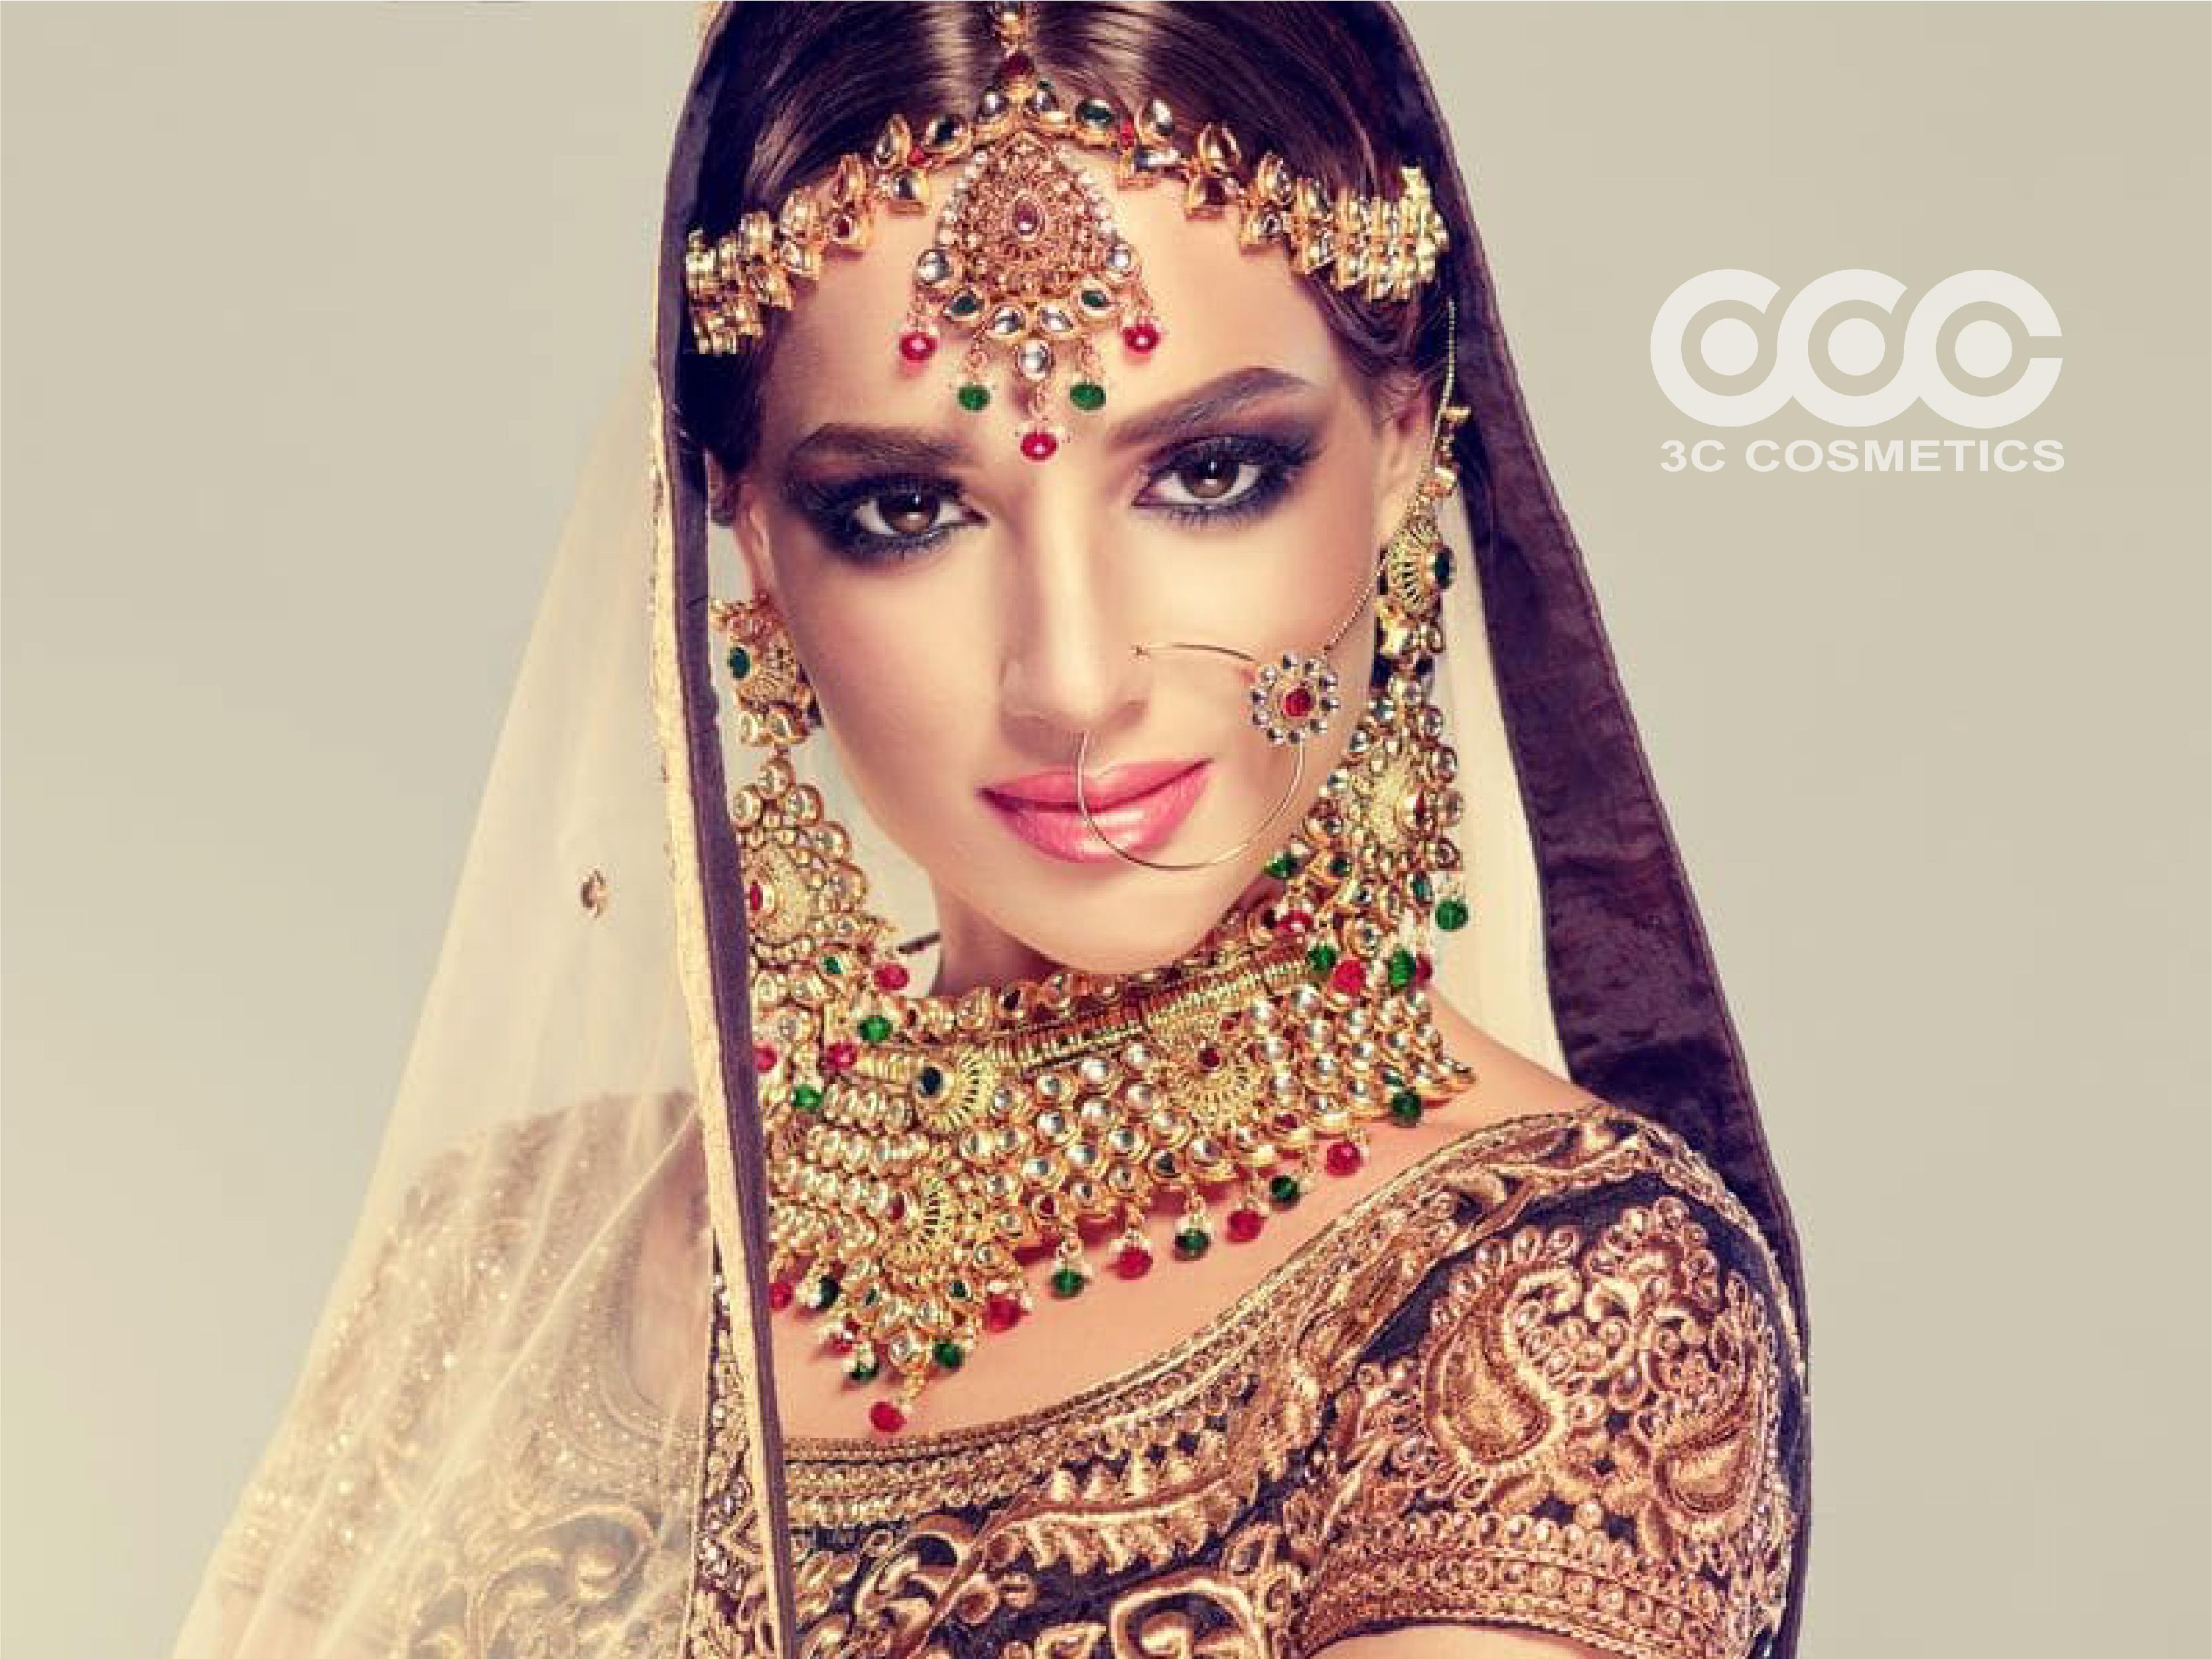 Vẻ đẹp phụ nữ Ấn Độ